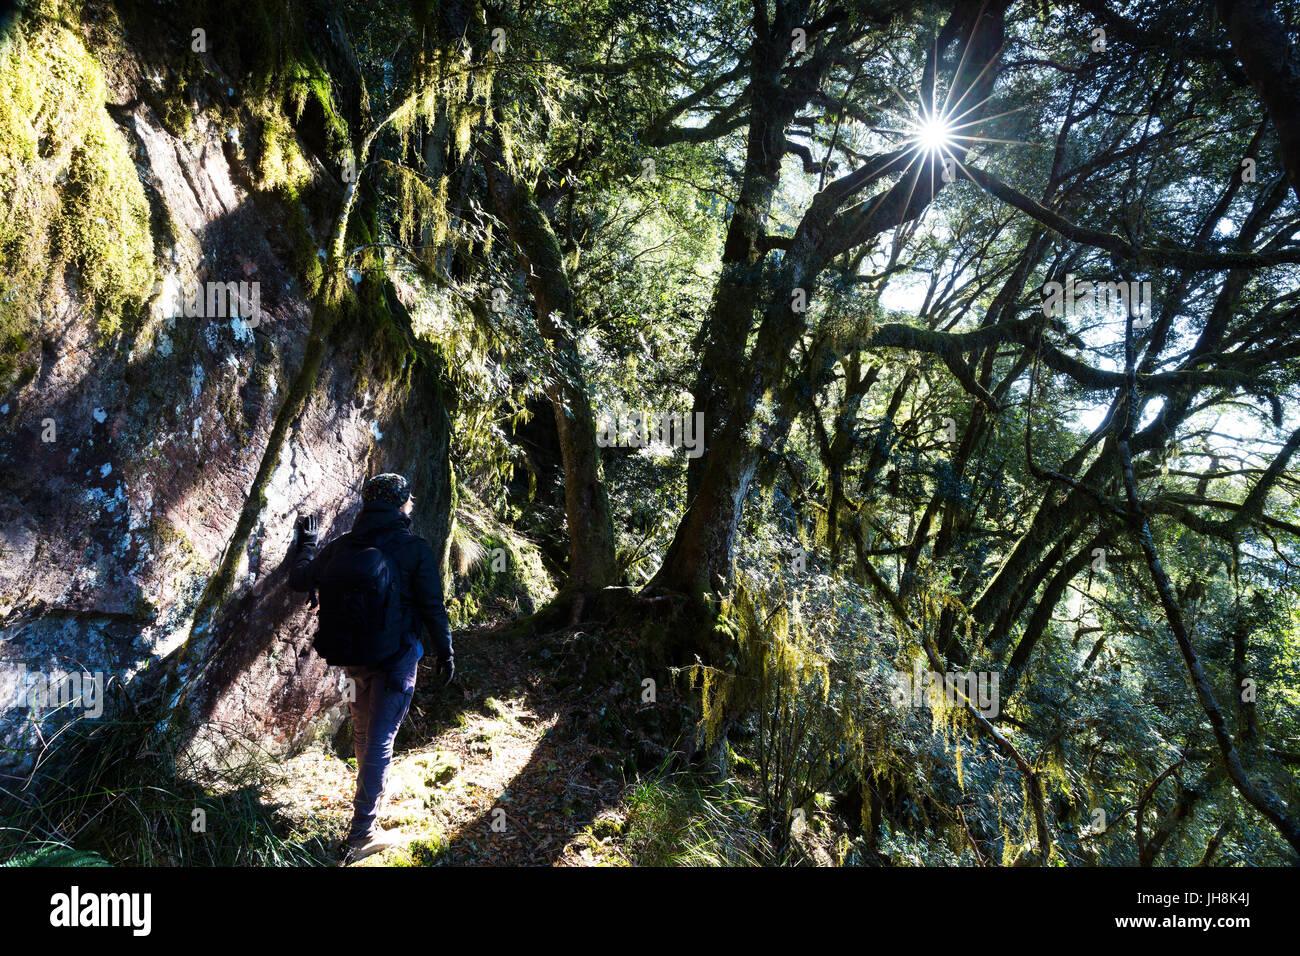 Ein Wanderer beobachtet die Sonne platzen durch einen hängenden Wald an einem kalten Morgen in den Bergen. Stockfoto